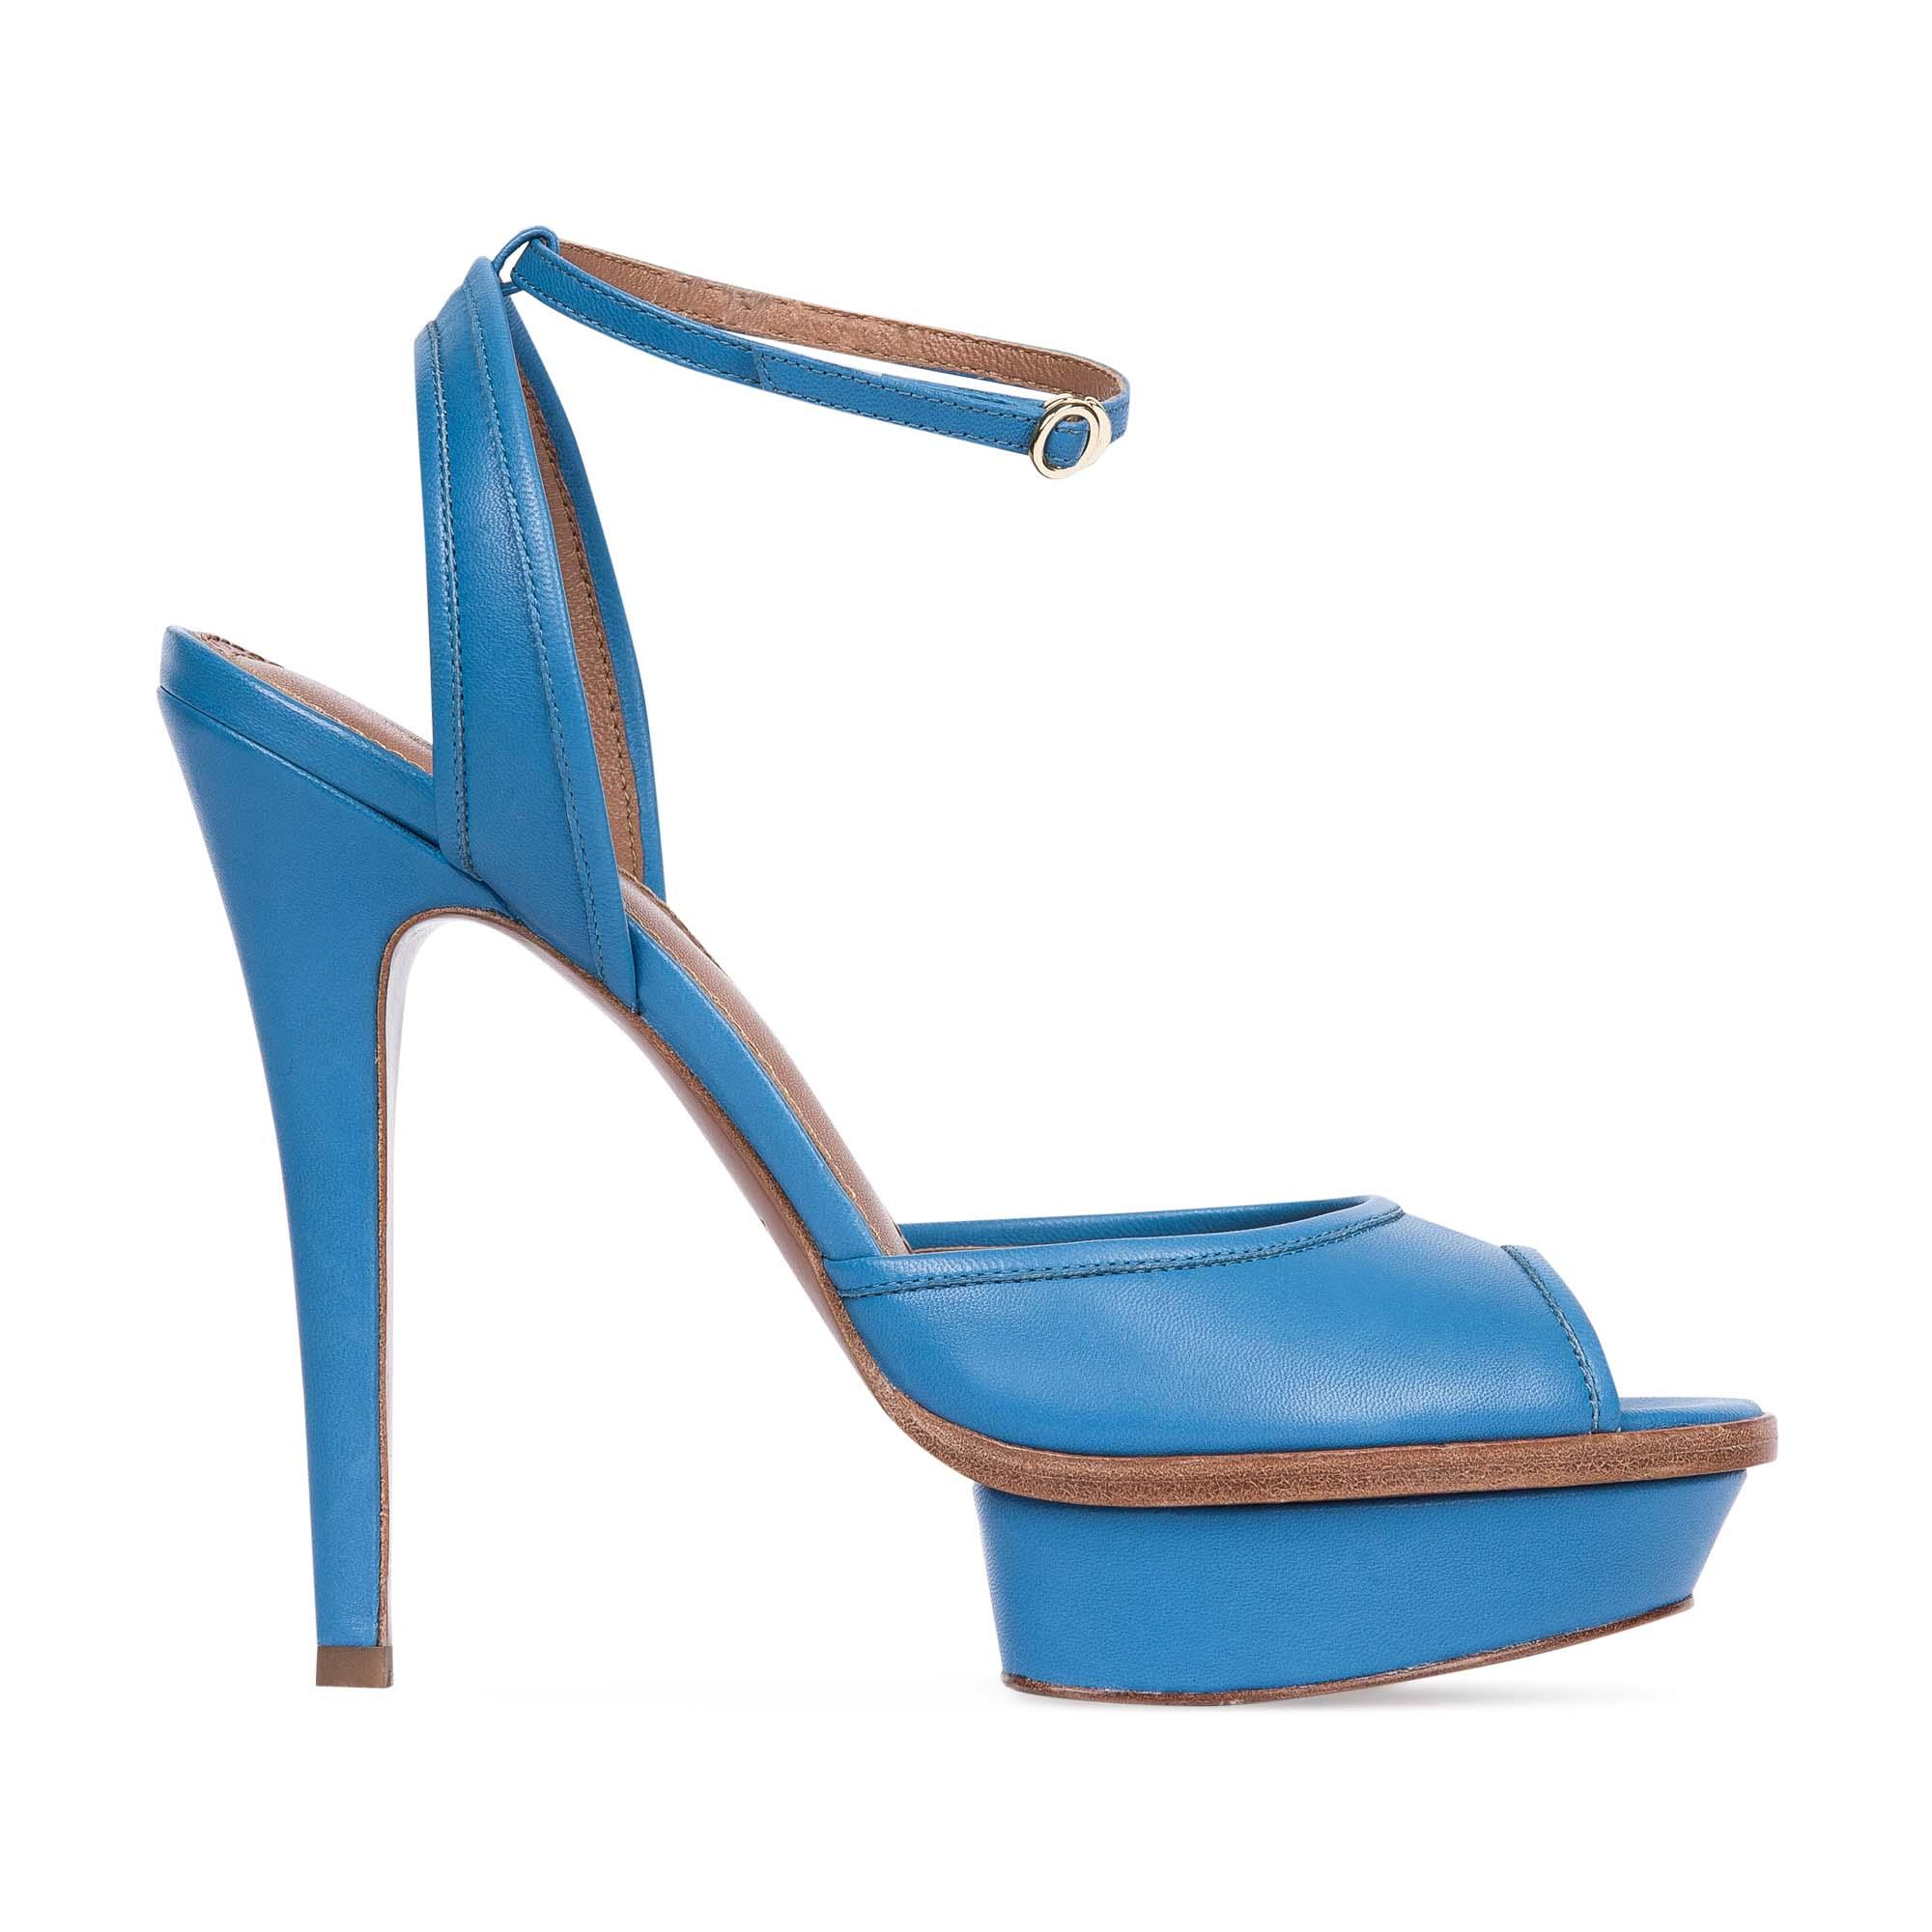 Босоножки из кожи лазурного цвета на высоком каблуке 17-352-06-24-25